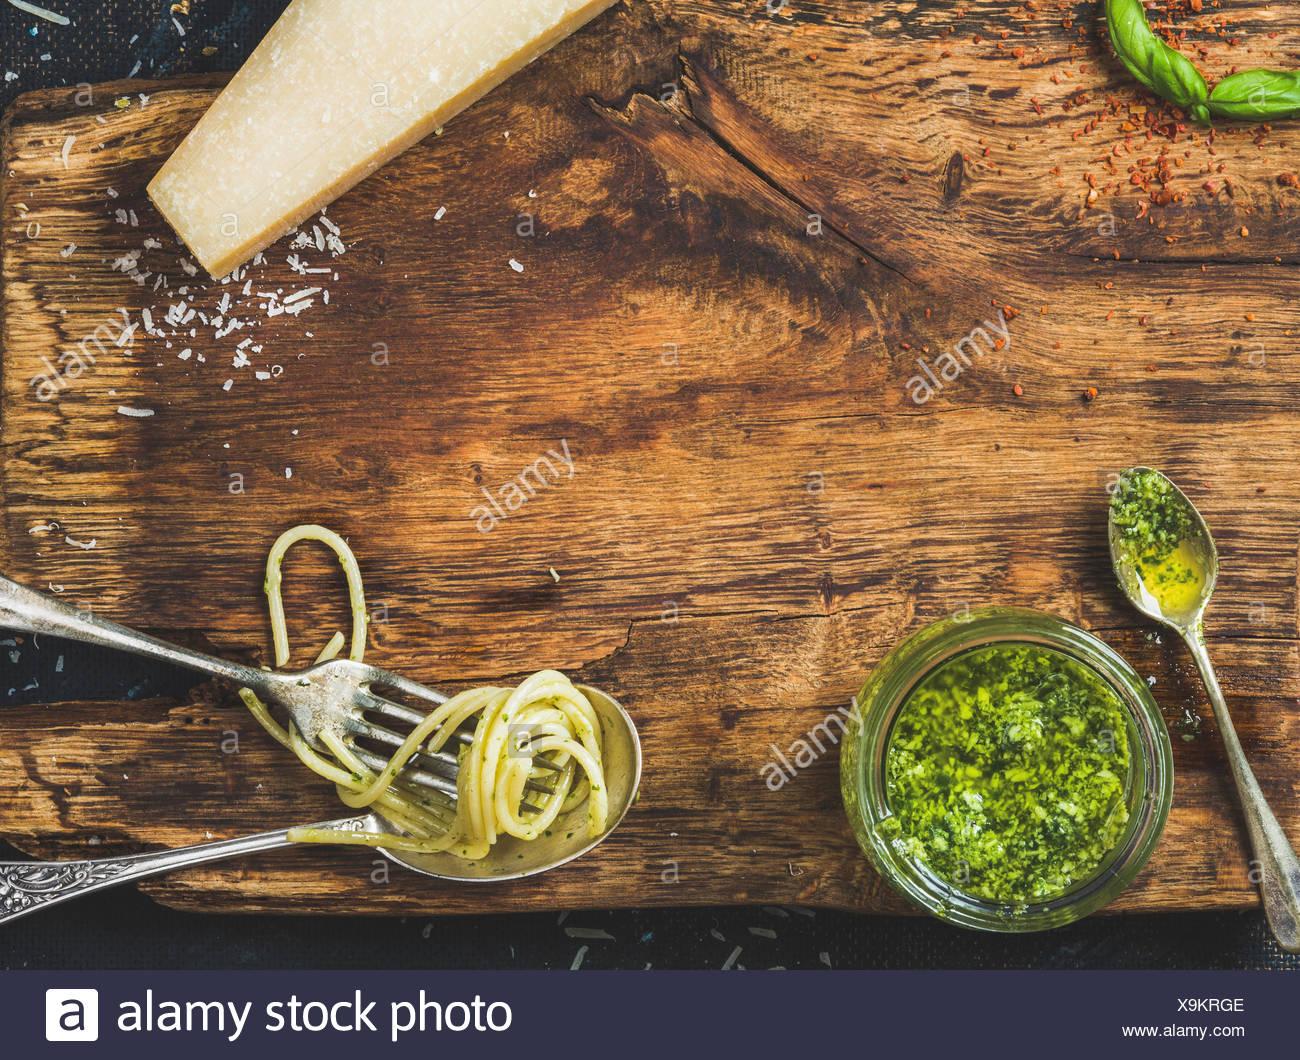 Italienische Küche kochen Hintergrund. Glas mit Pesto-Sauce, Löffel und Gabel mit gekochten Spaghetti, frischem Basilikum und Parmesan Stockbild